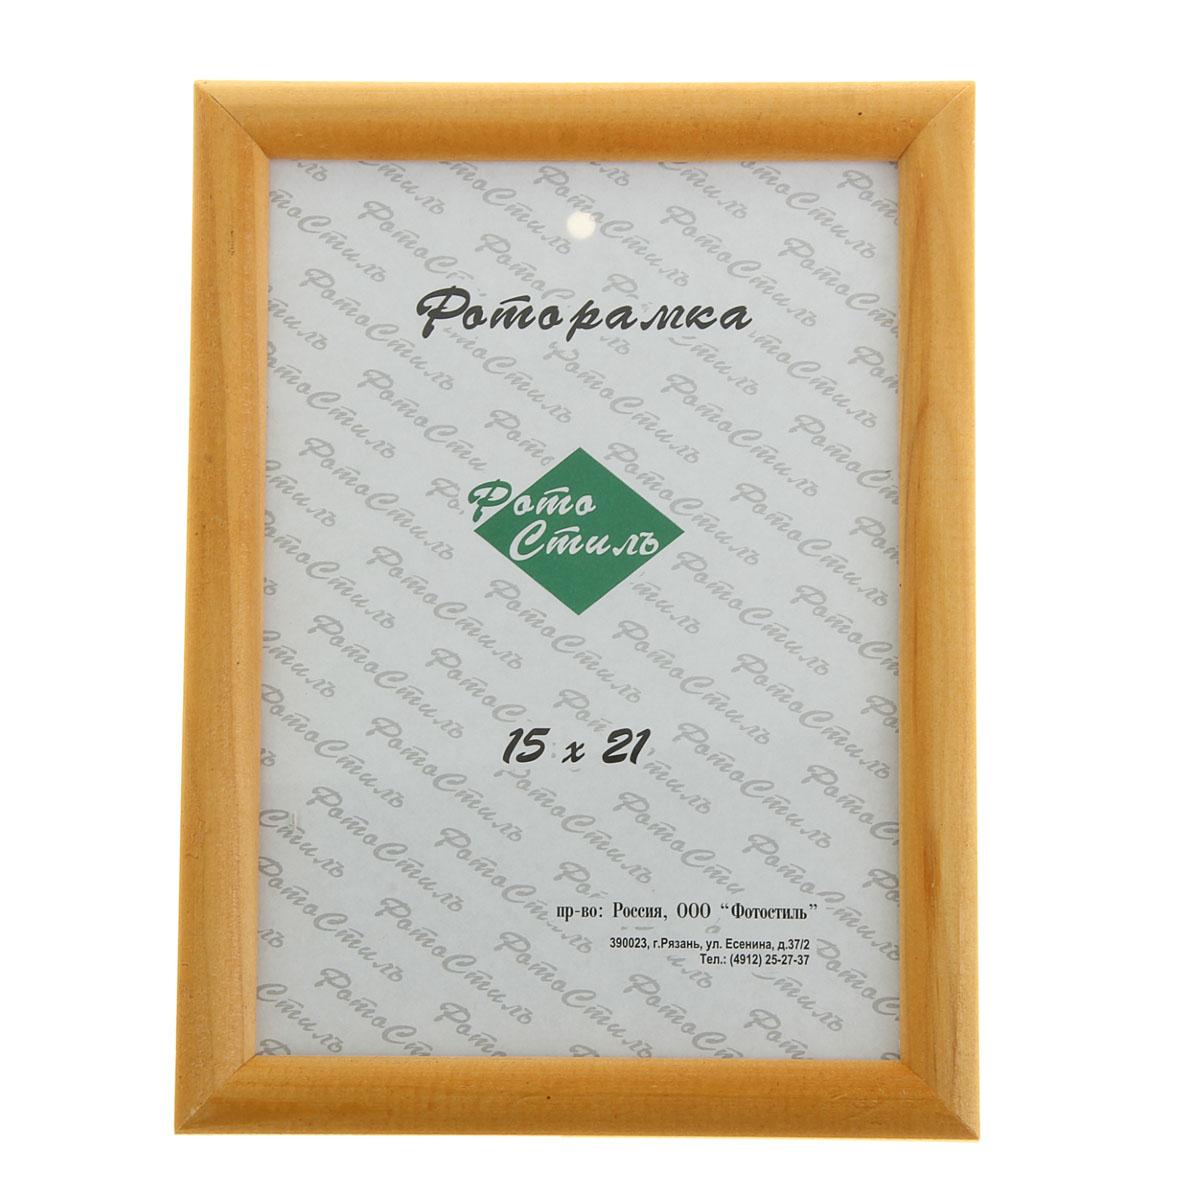 Фоторамка Фотоcтиль, цвет: янтарный, 15 х 21 см 911288911288Фоторамка Фотостиль выполнена в классическом стиле из натурального дерева и стекла, защищающего фотографию. Обратная сторона рамки оснащена специальной ножкой, благодаря которой ее можно поставить на стол или любое другое место в доме или офисе. Также на изделие имеются два специальных отверстия для подвешивания. Такая фоторамка поможет вам оригинально и стильно дополнить интерьер помещения, а также позволит сохранить память о дорогих вам людях и интересных событиях вашей жизни.